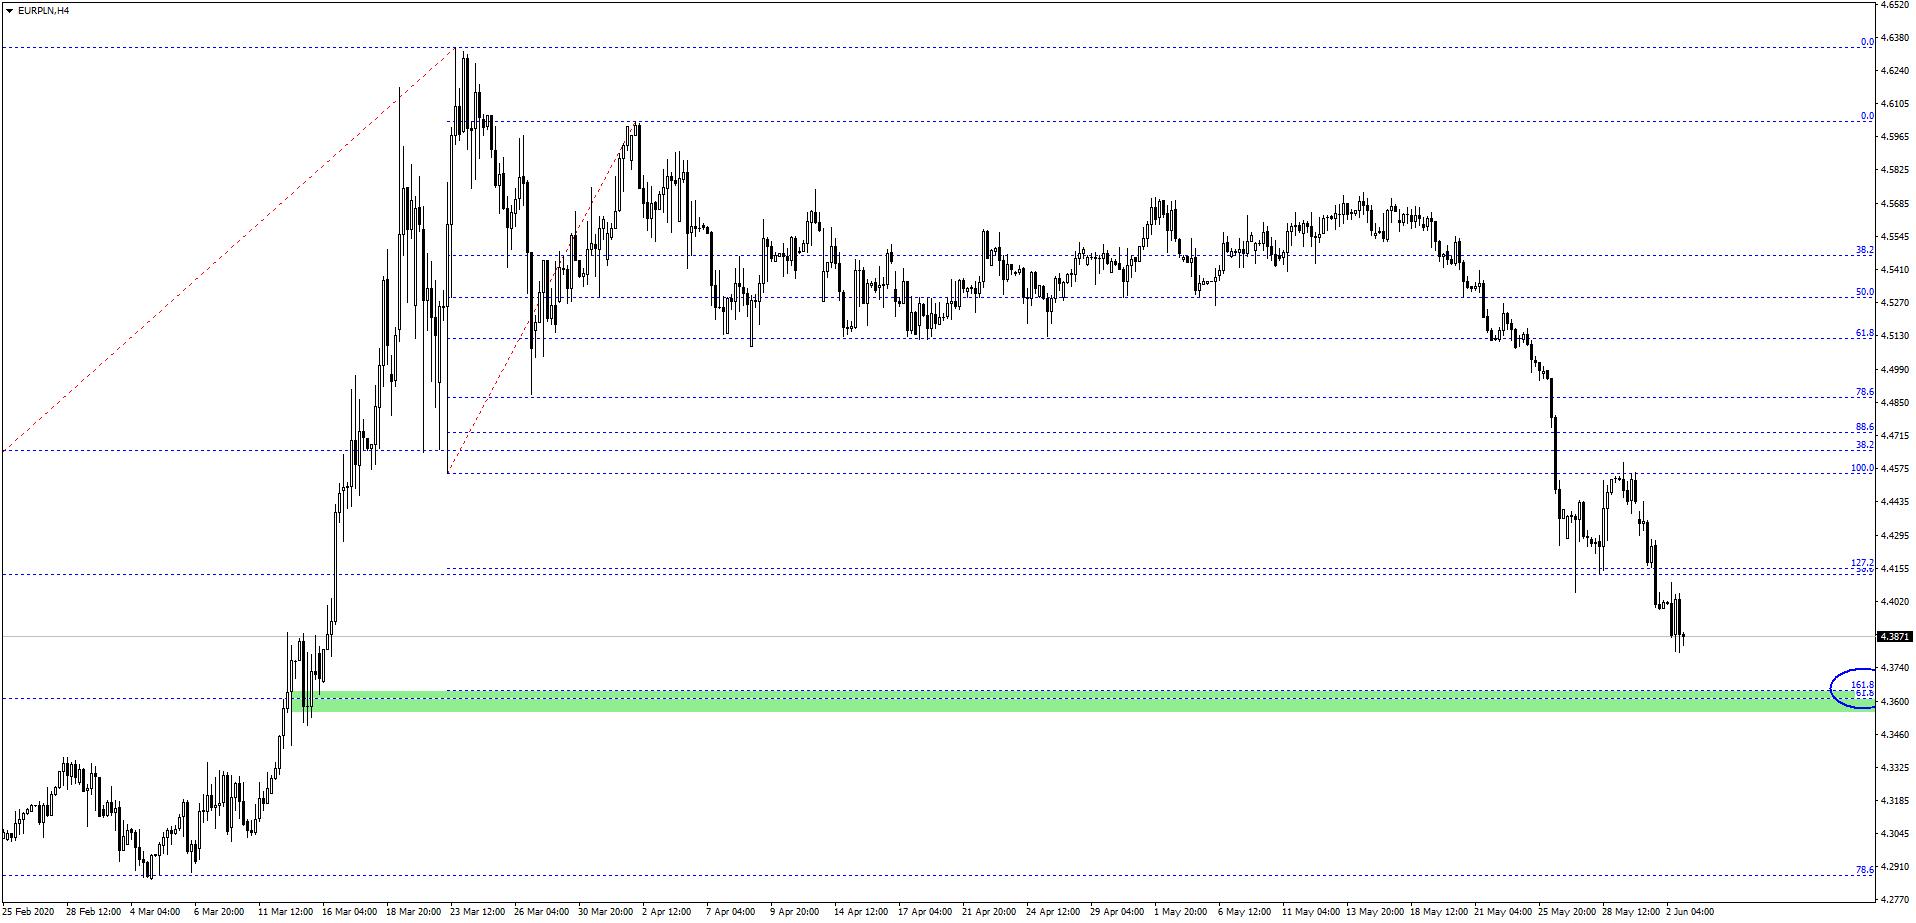 euro na wykresie H4